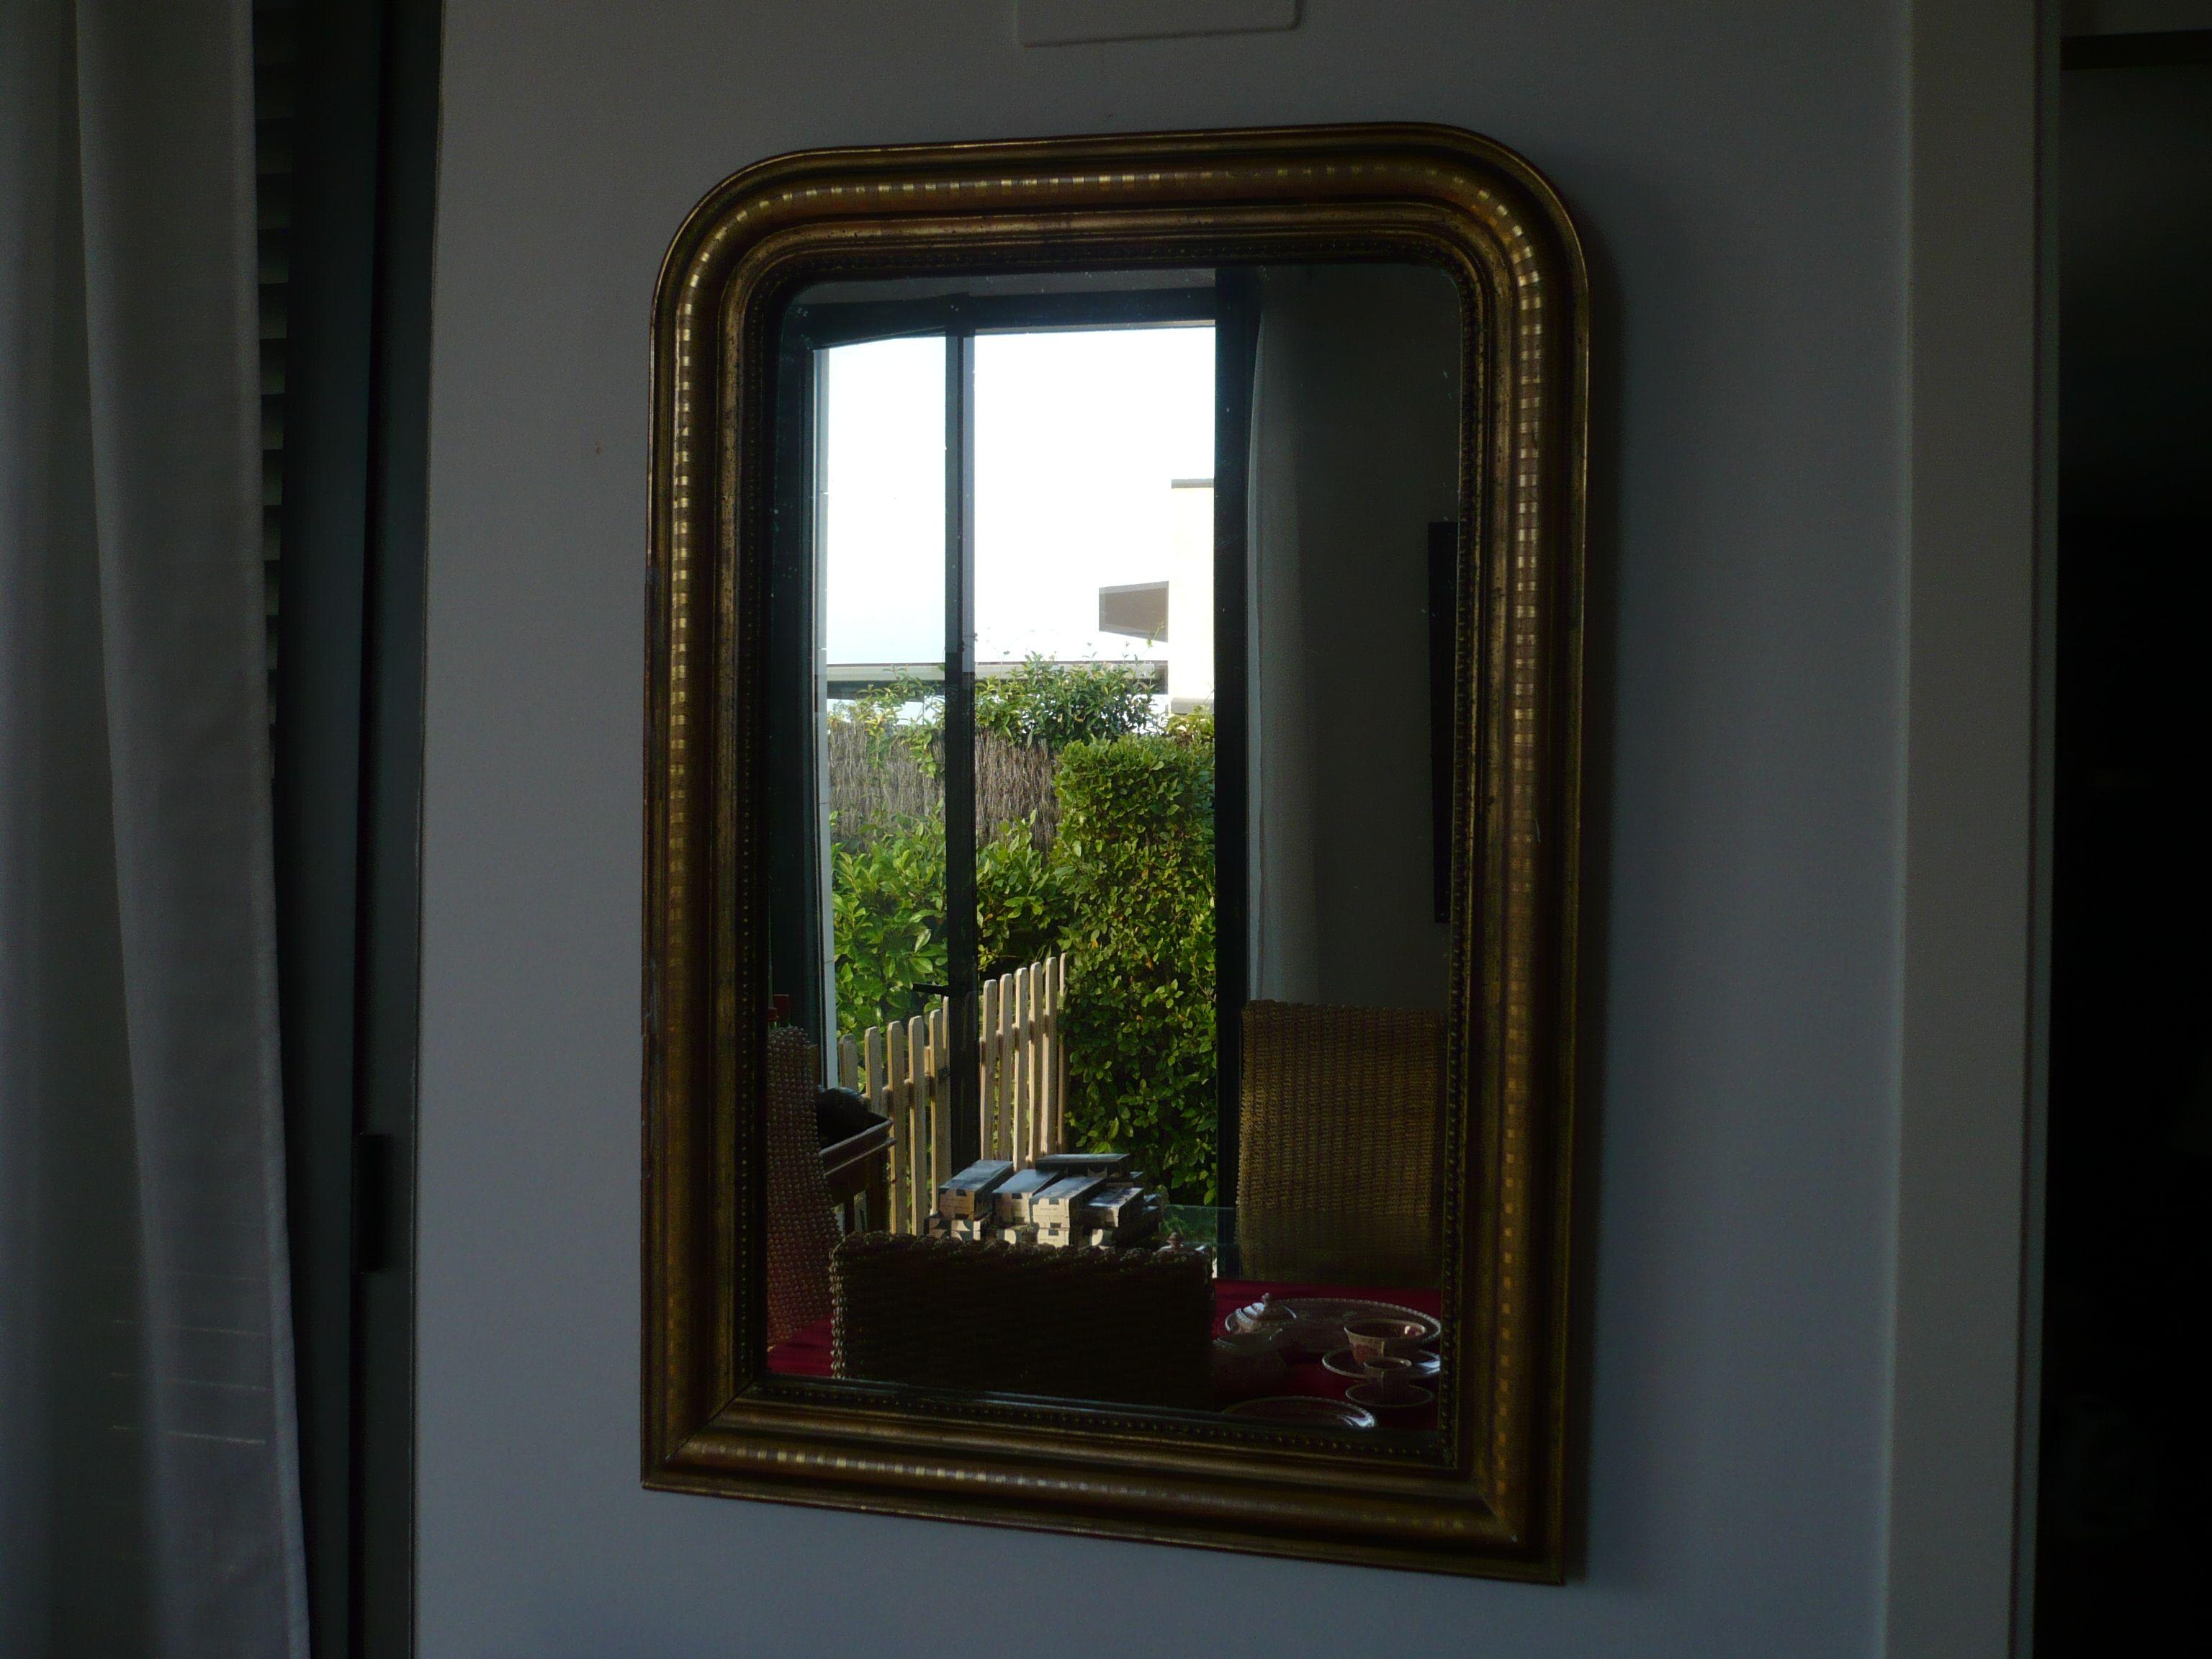 Espejito, espejito, ¿Quién es la más bella en este reino?... http://wp.me/p3SqGc-16